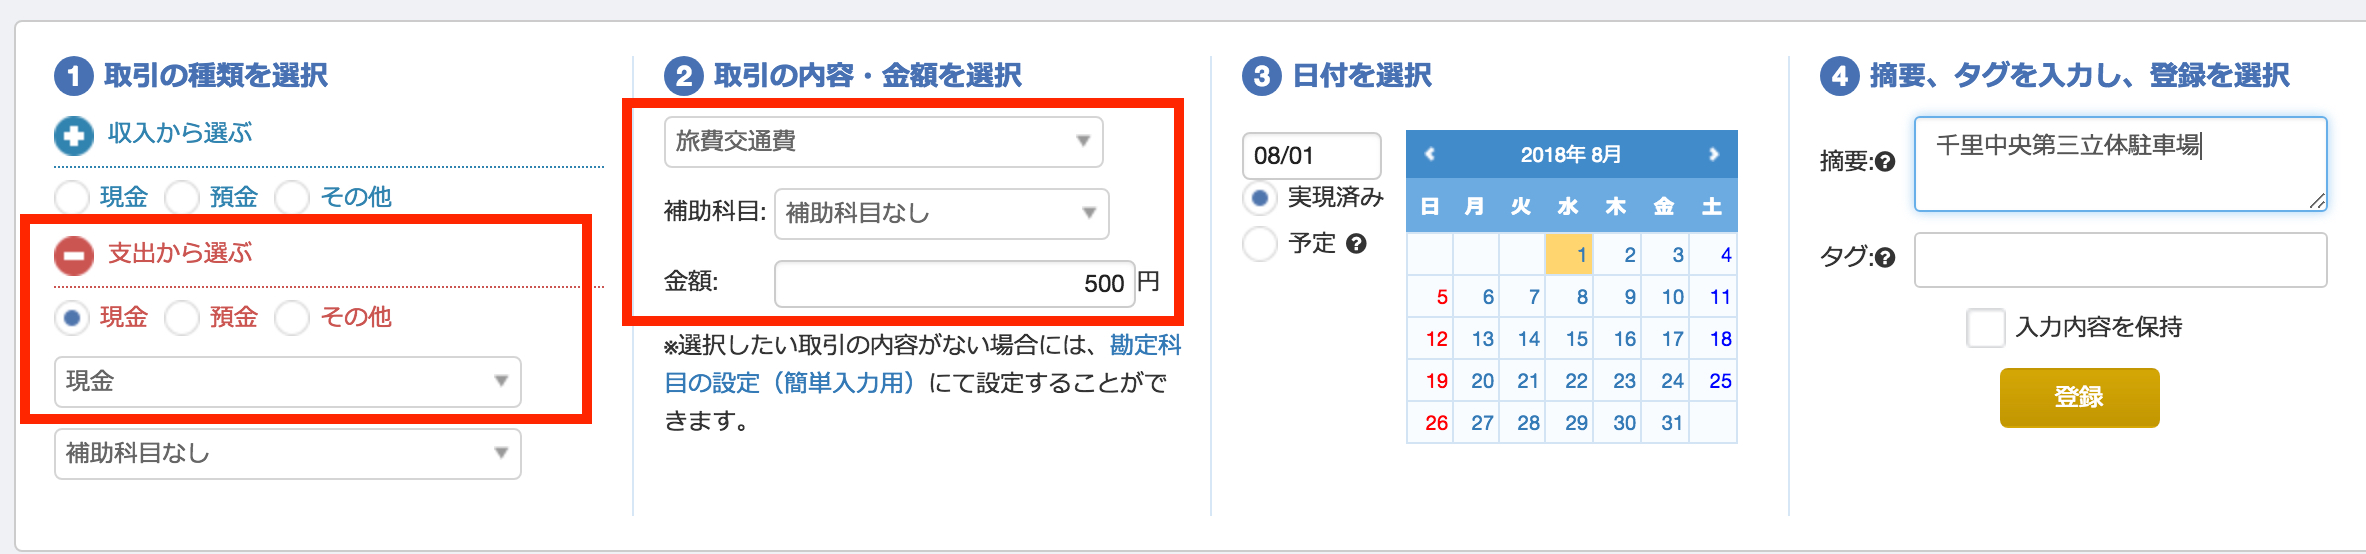 マネーフォワードクラウド会計・確定申告-銀行明細の手動アップロード-1